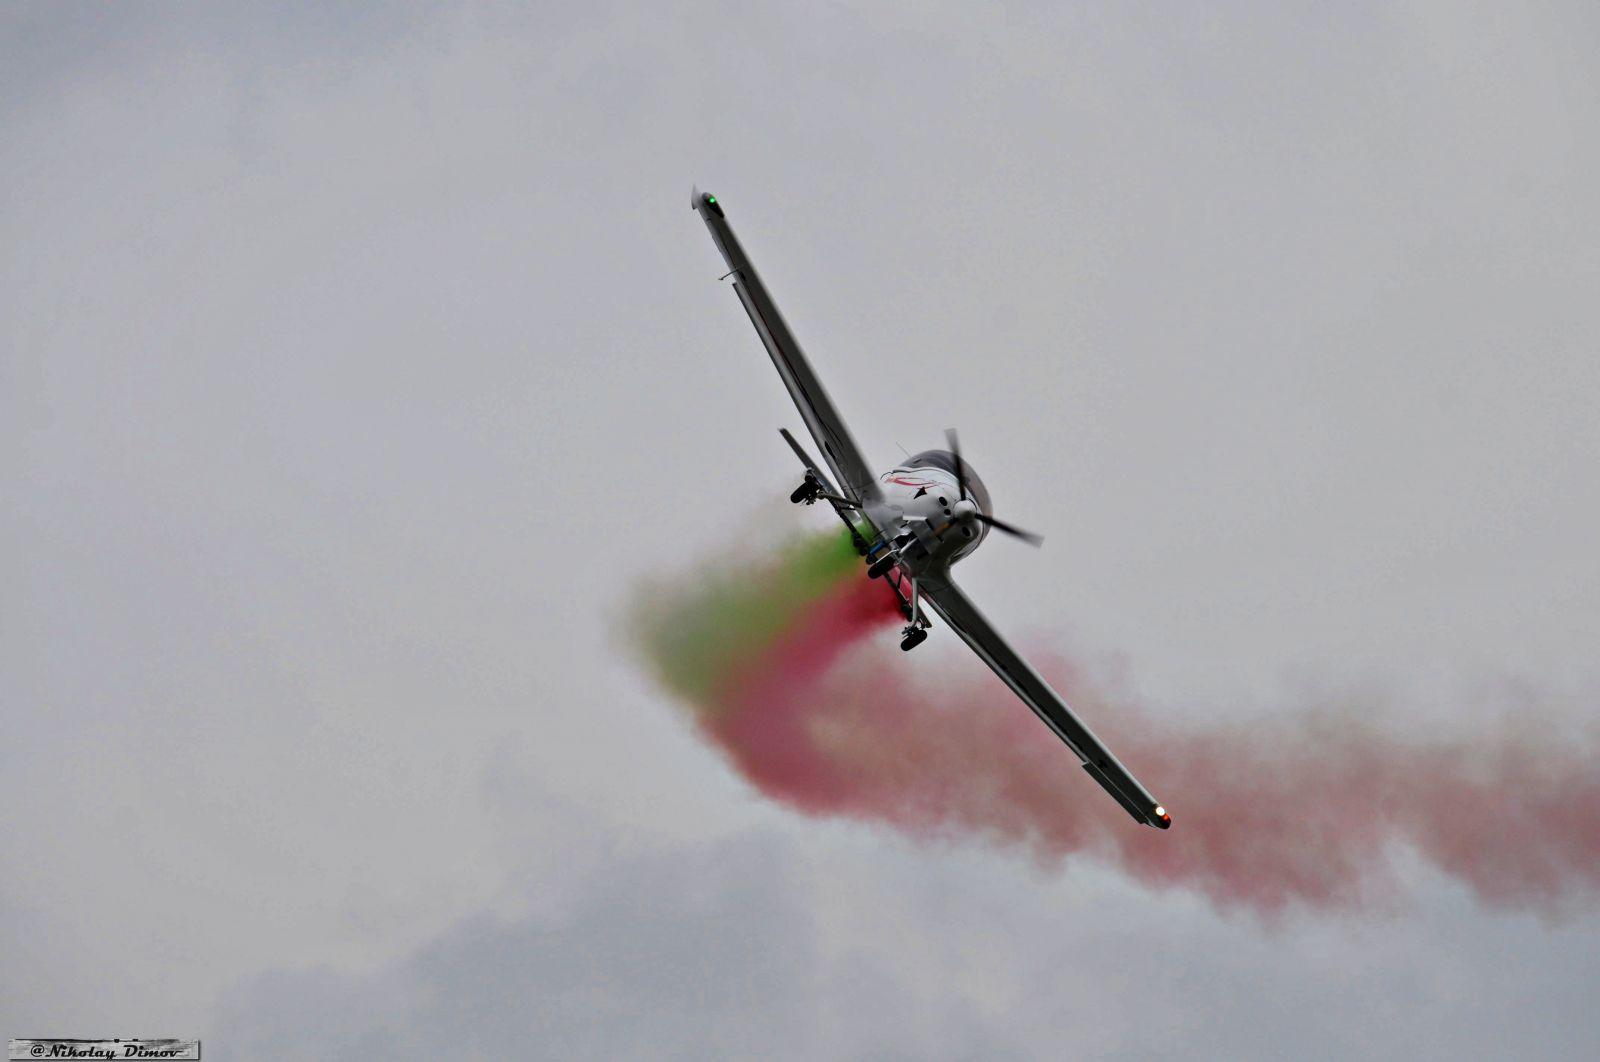 ГАЛЕРИЯ: Полети и шлейф с цветовете на националния флаг в небето над Граф Игнатиево